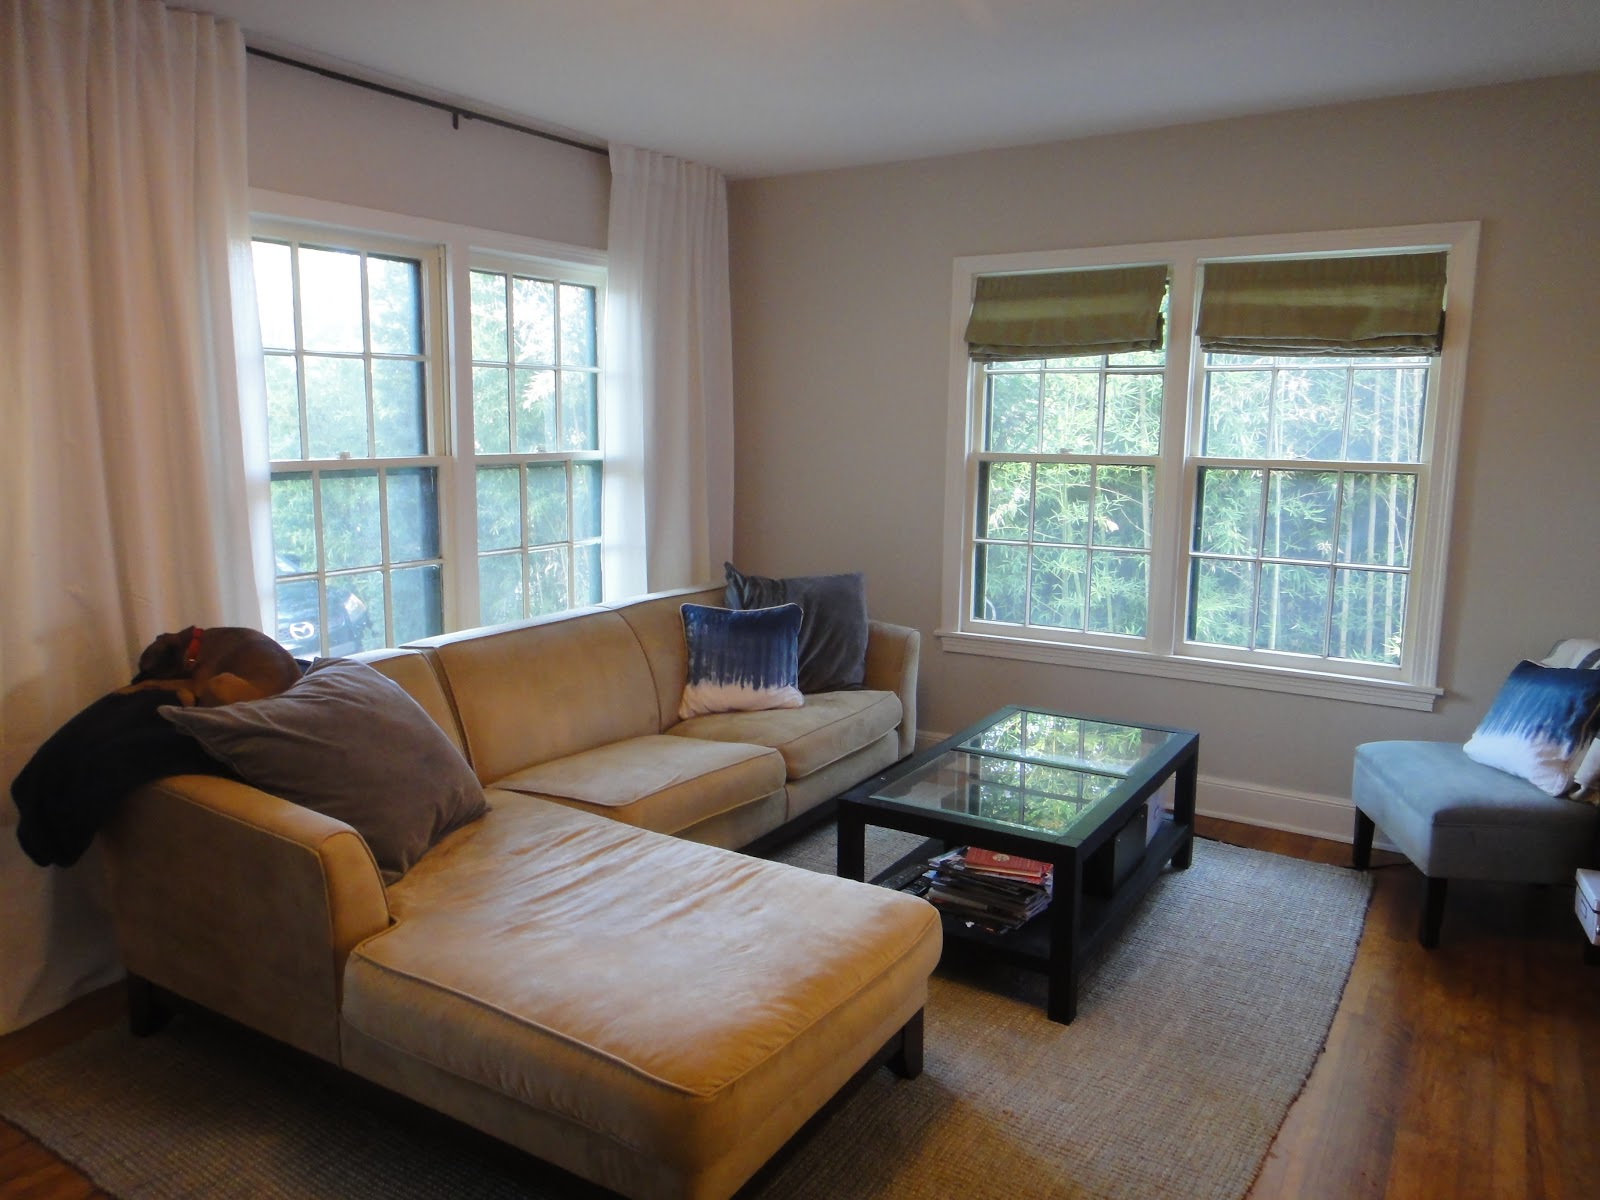 Orange Rugs For Living Room Thrifty Little Blog Living Room Rug Change